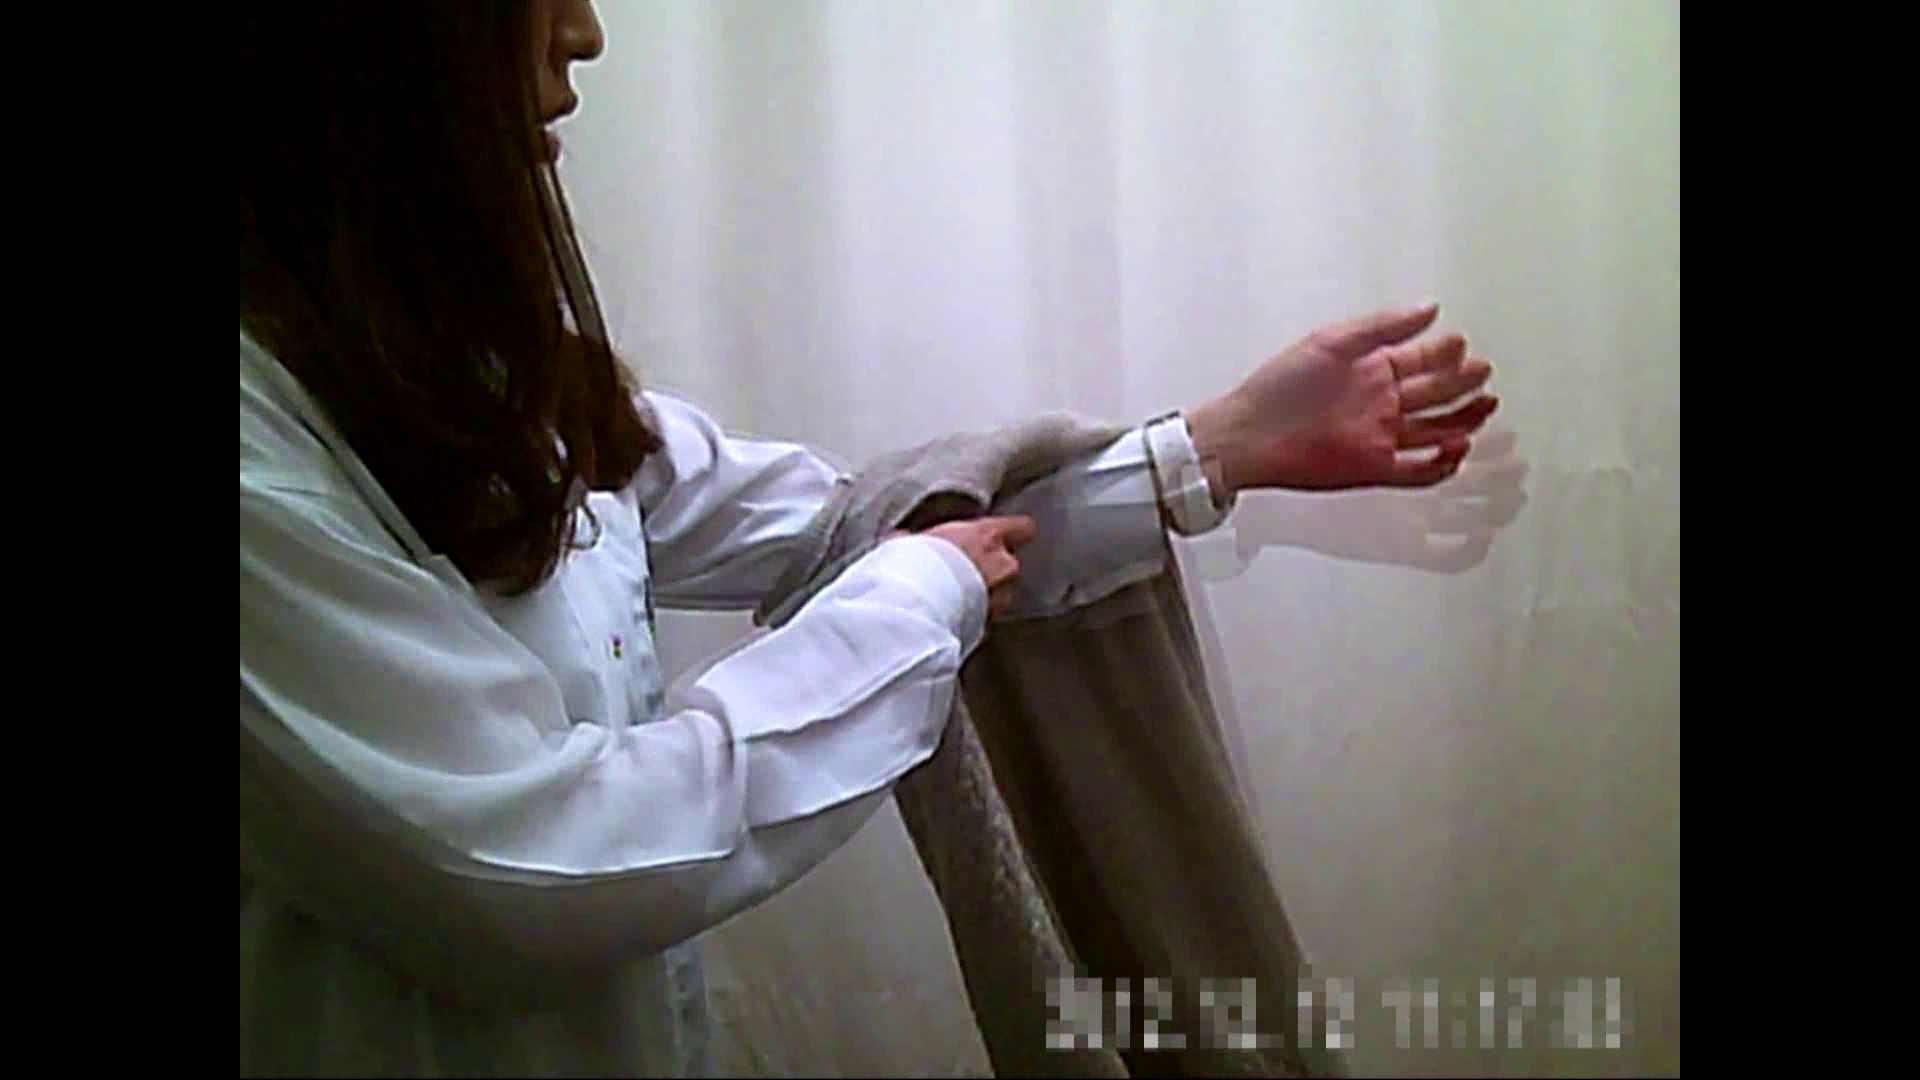 元医者による反抗 更衣室地獄絵巻 vol.121 盛合せ | 0  23画像 13